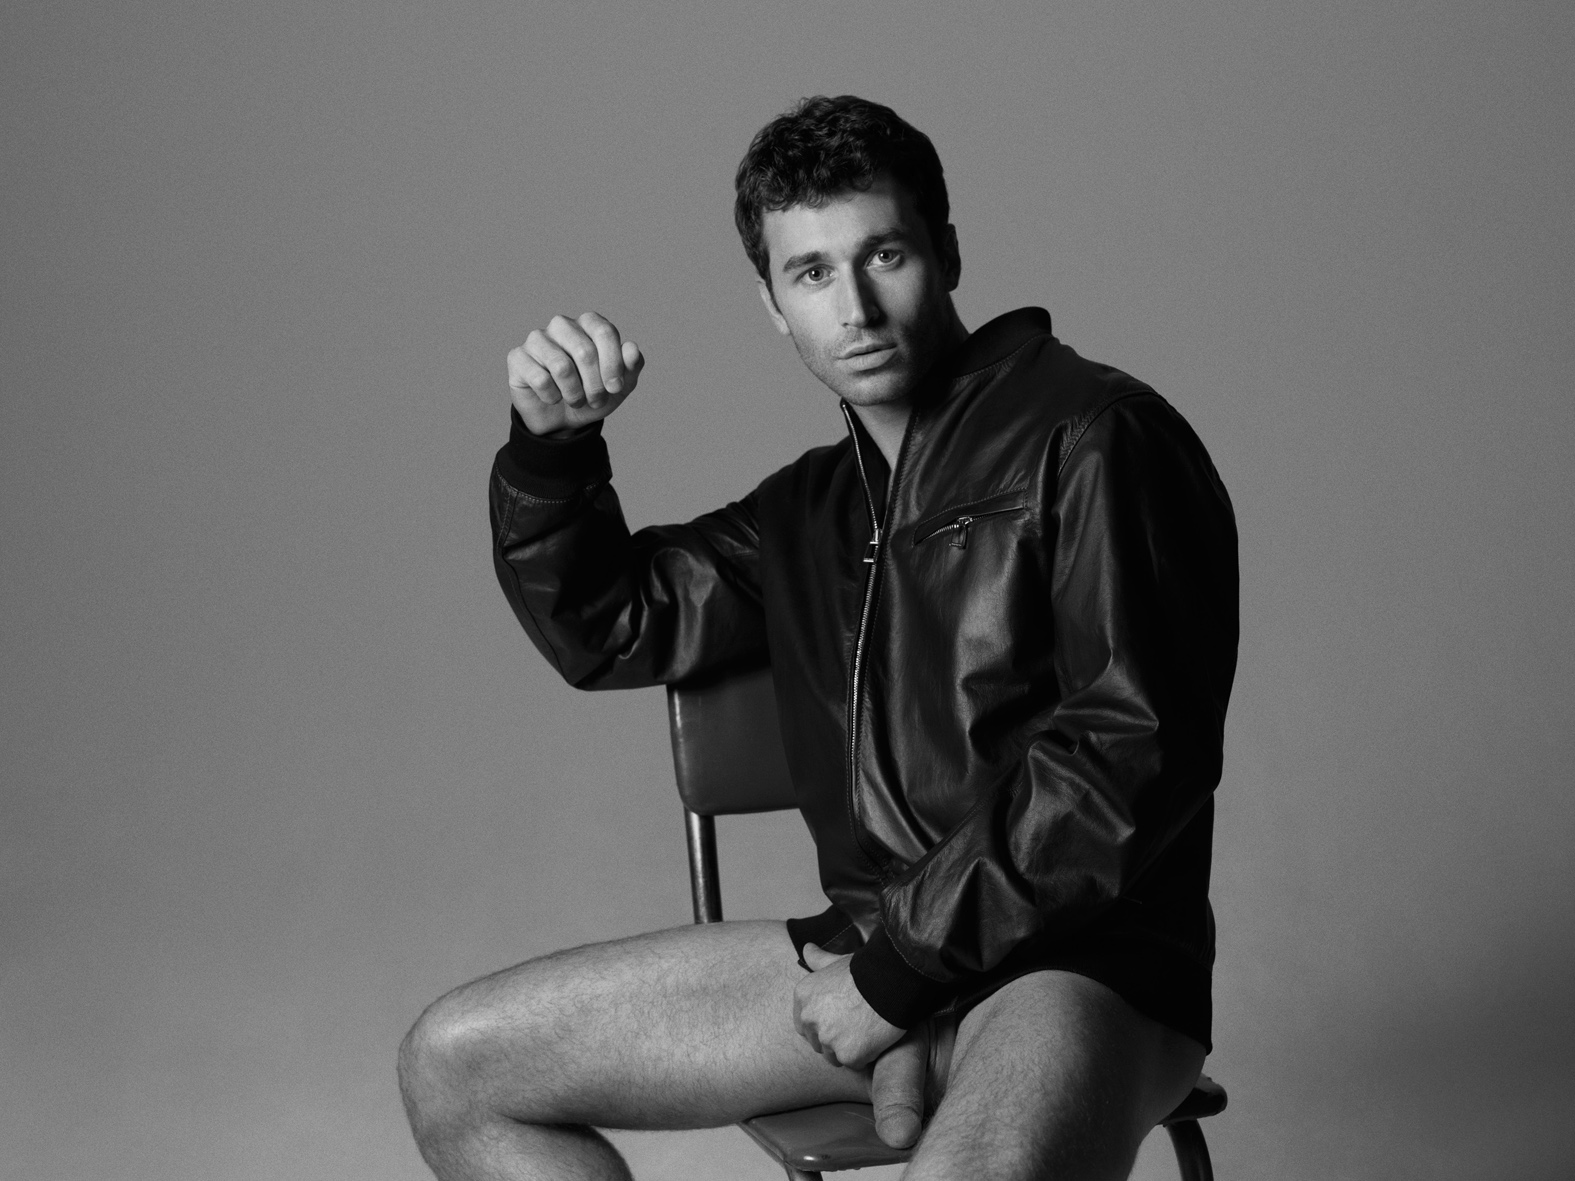 Photo nu de James Deen, acteur X porno hétéro Une photo artistique très réussie.